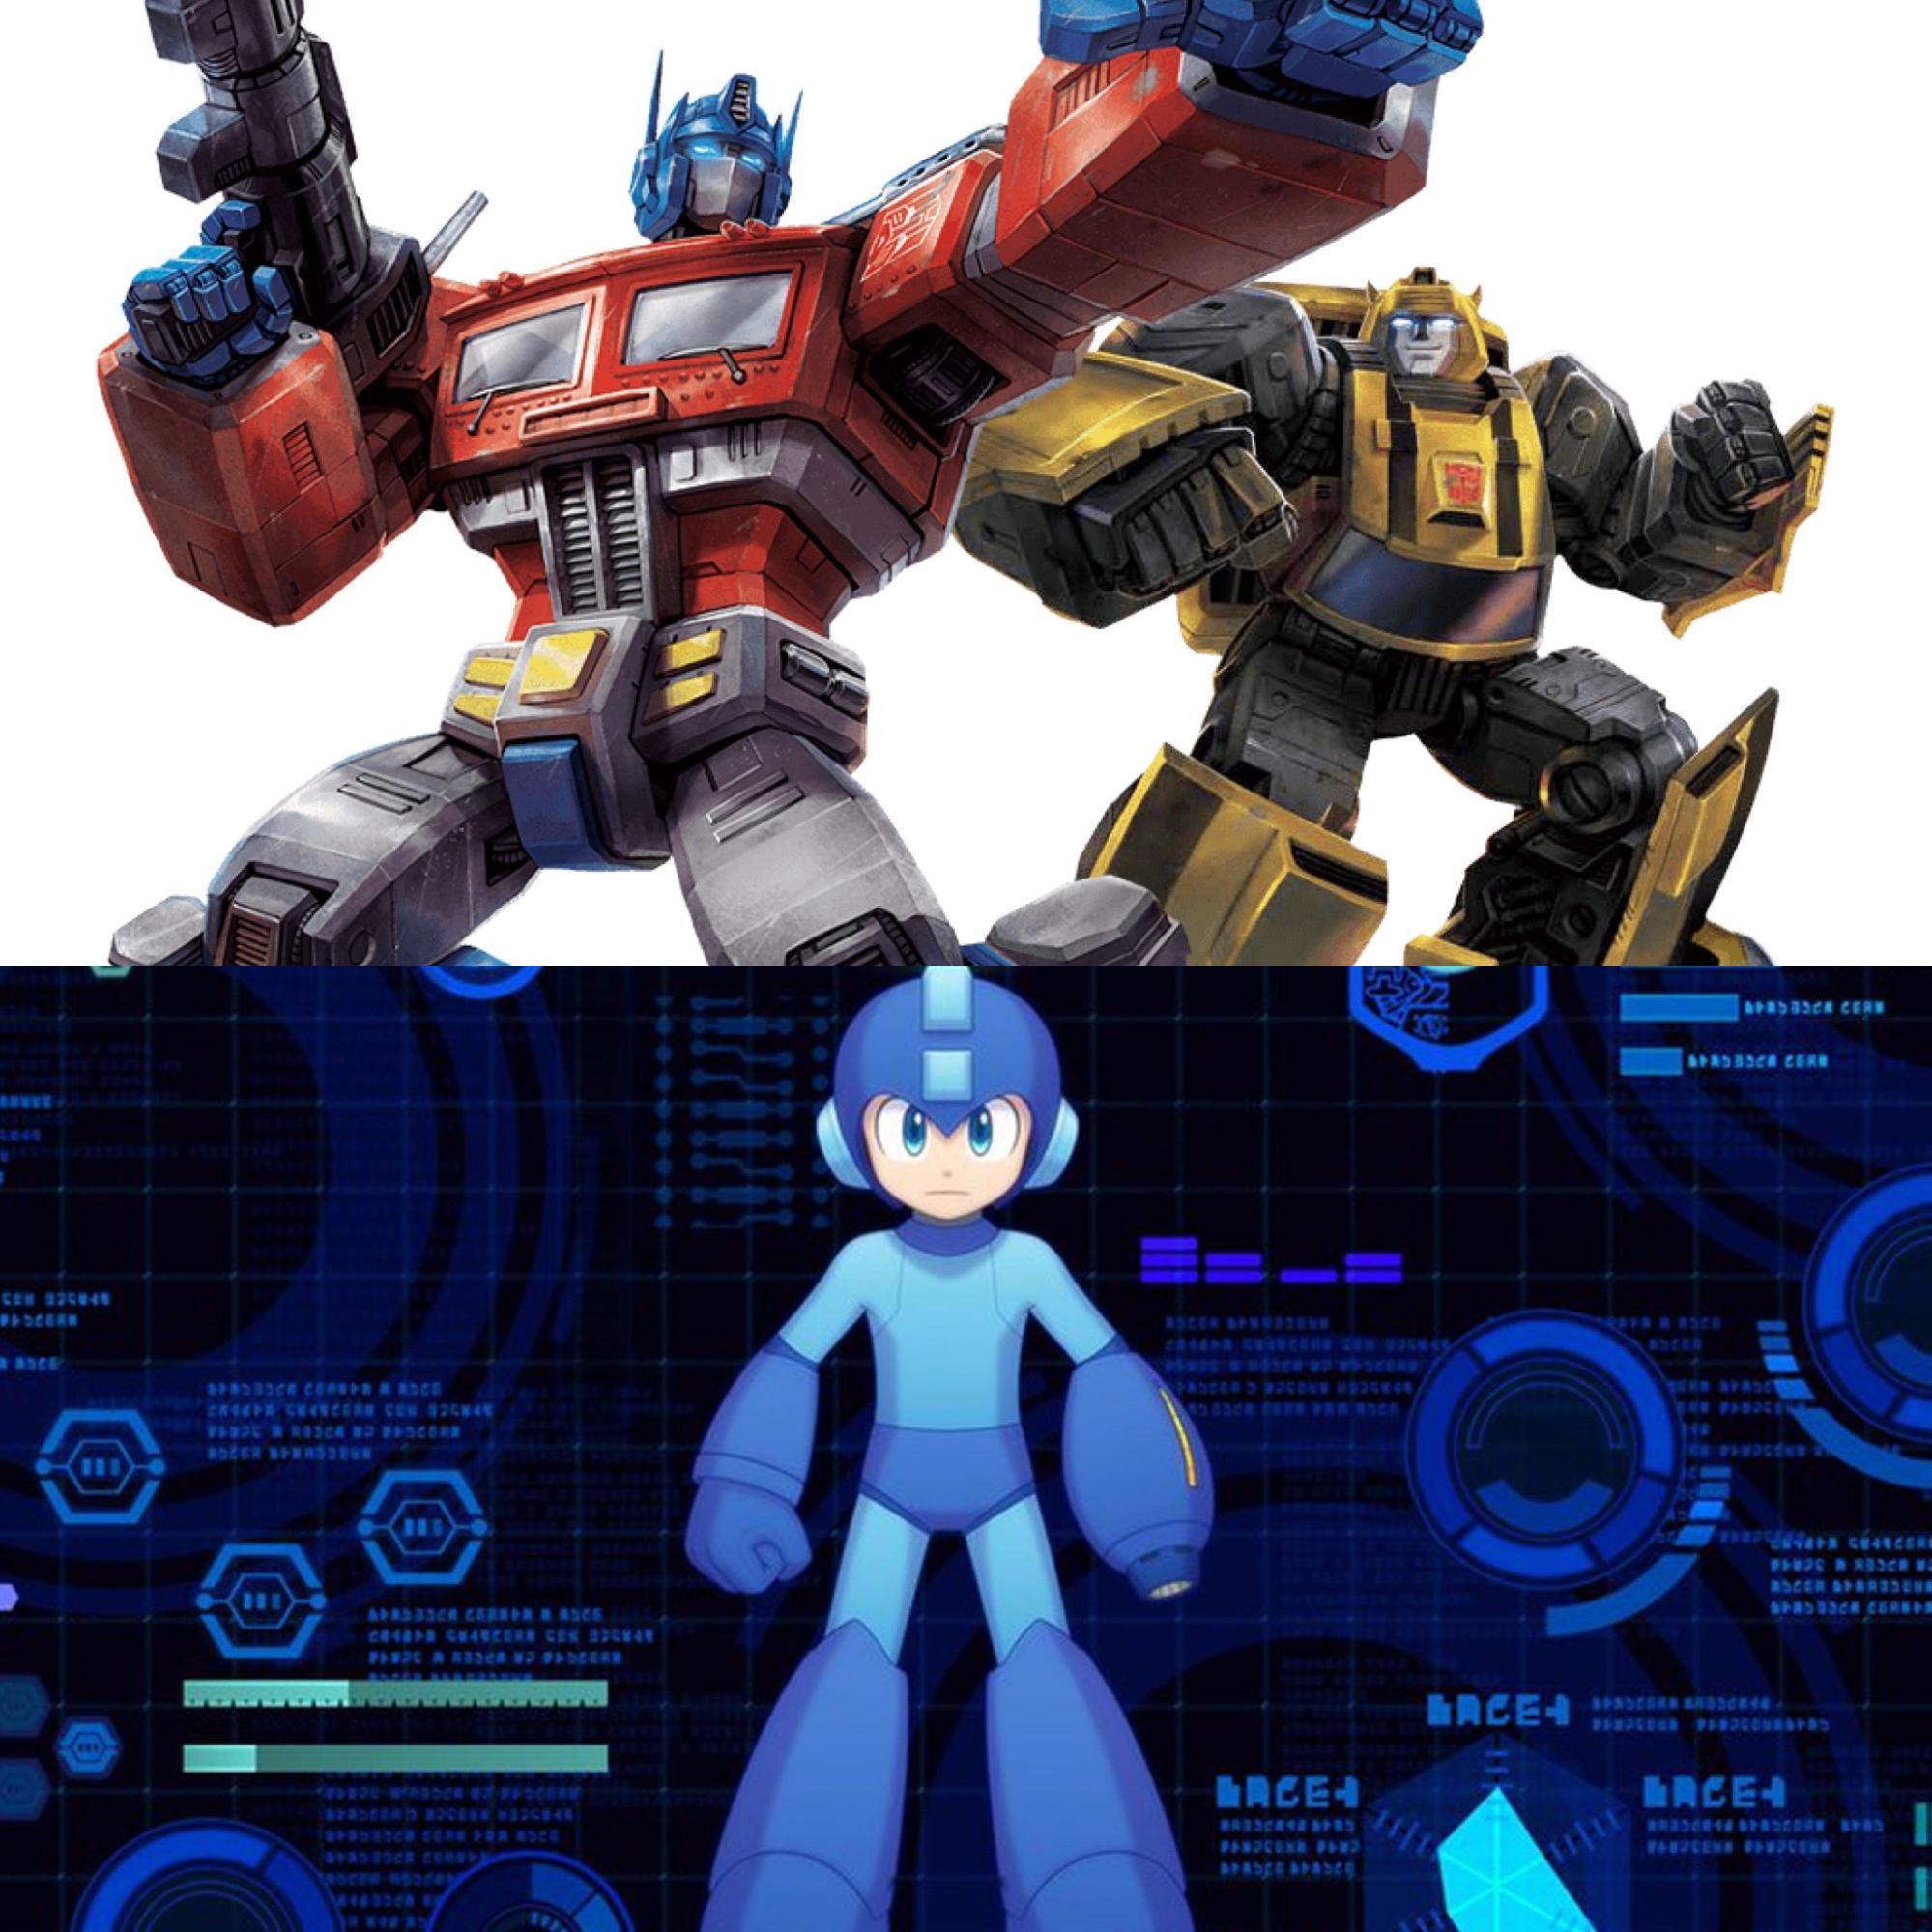 PicsArt: Megaman & Transformers